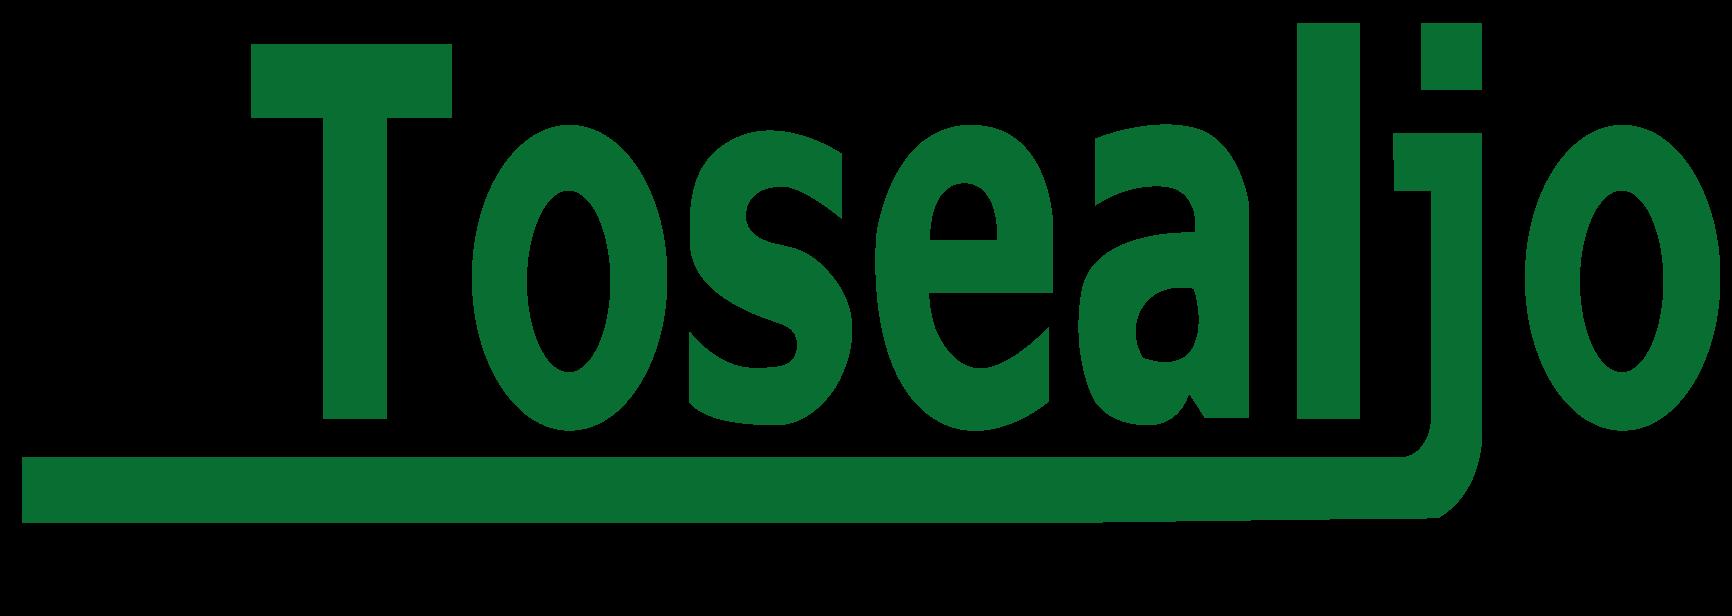 tosealjo_logo